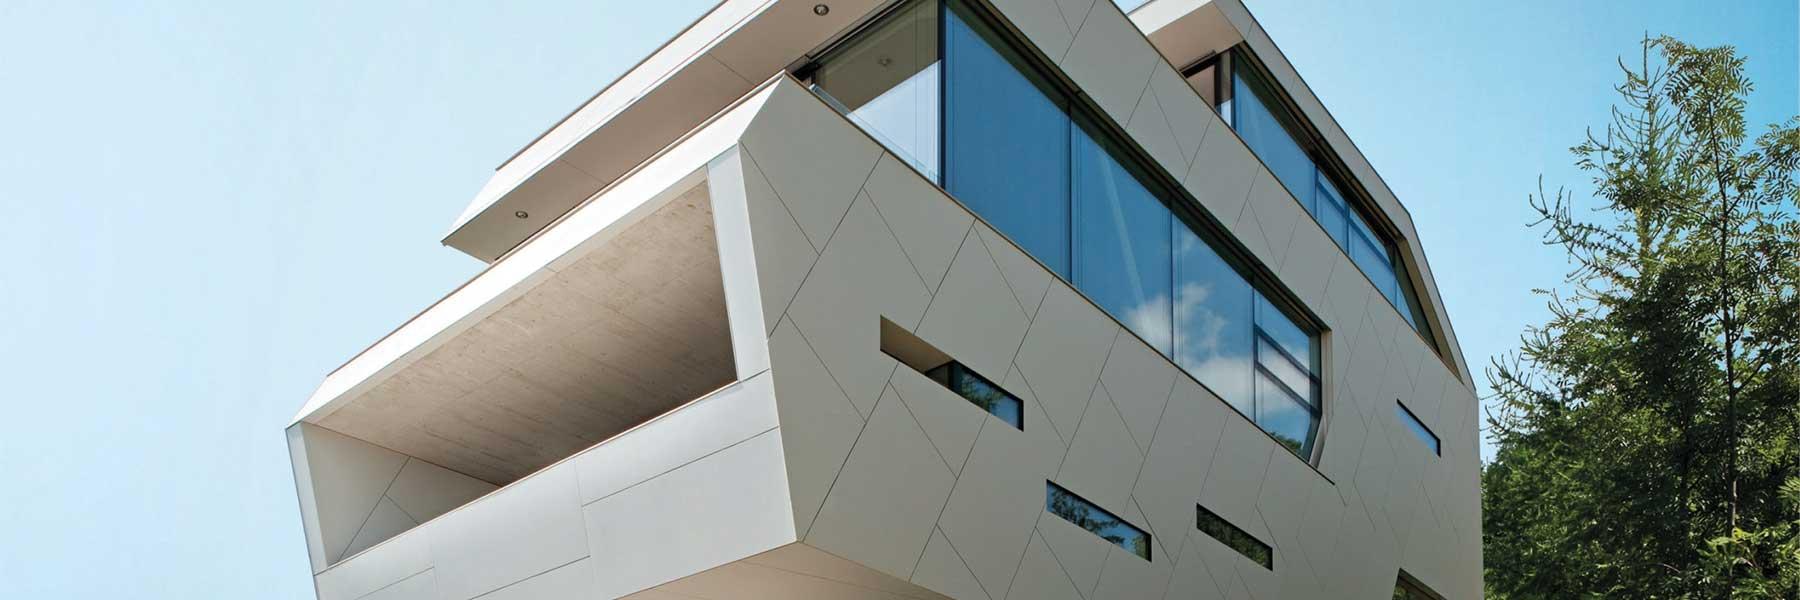 Eternit Fassade Fassadenplatten